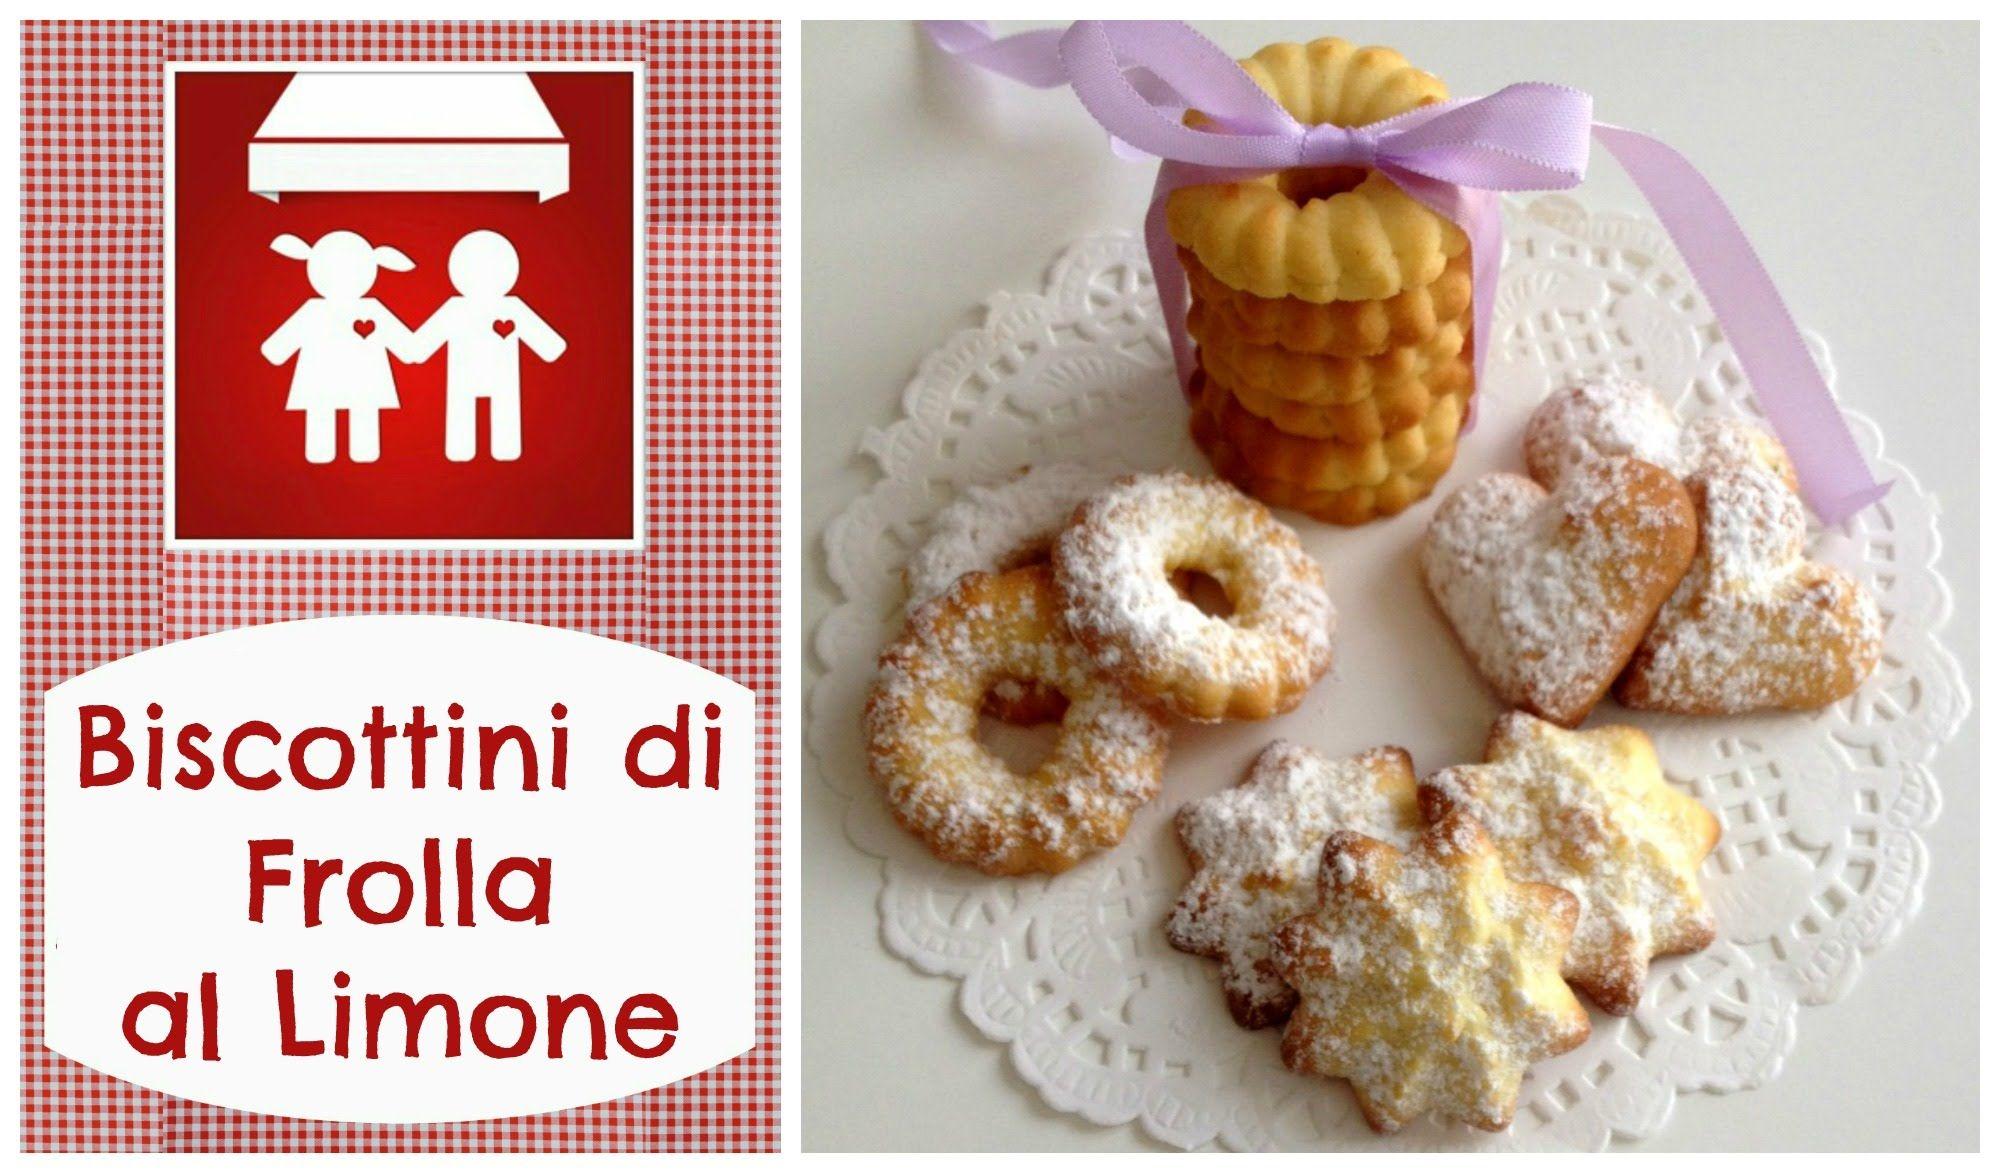 Biscottini di Frolla al Limone di Luca Montersino e GIVEAWAY(Dolci) 2C+K